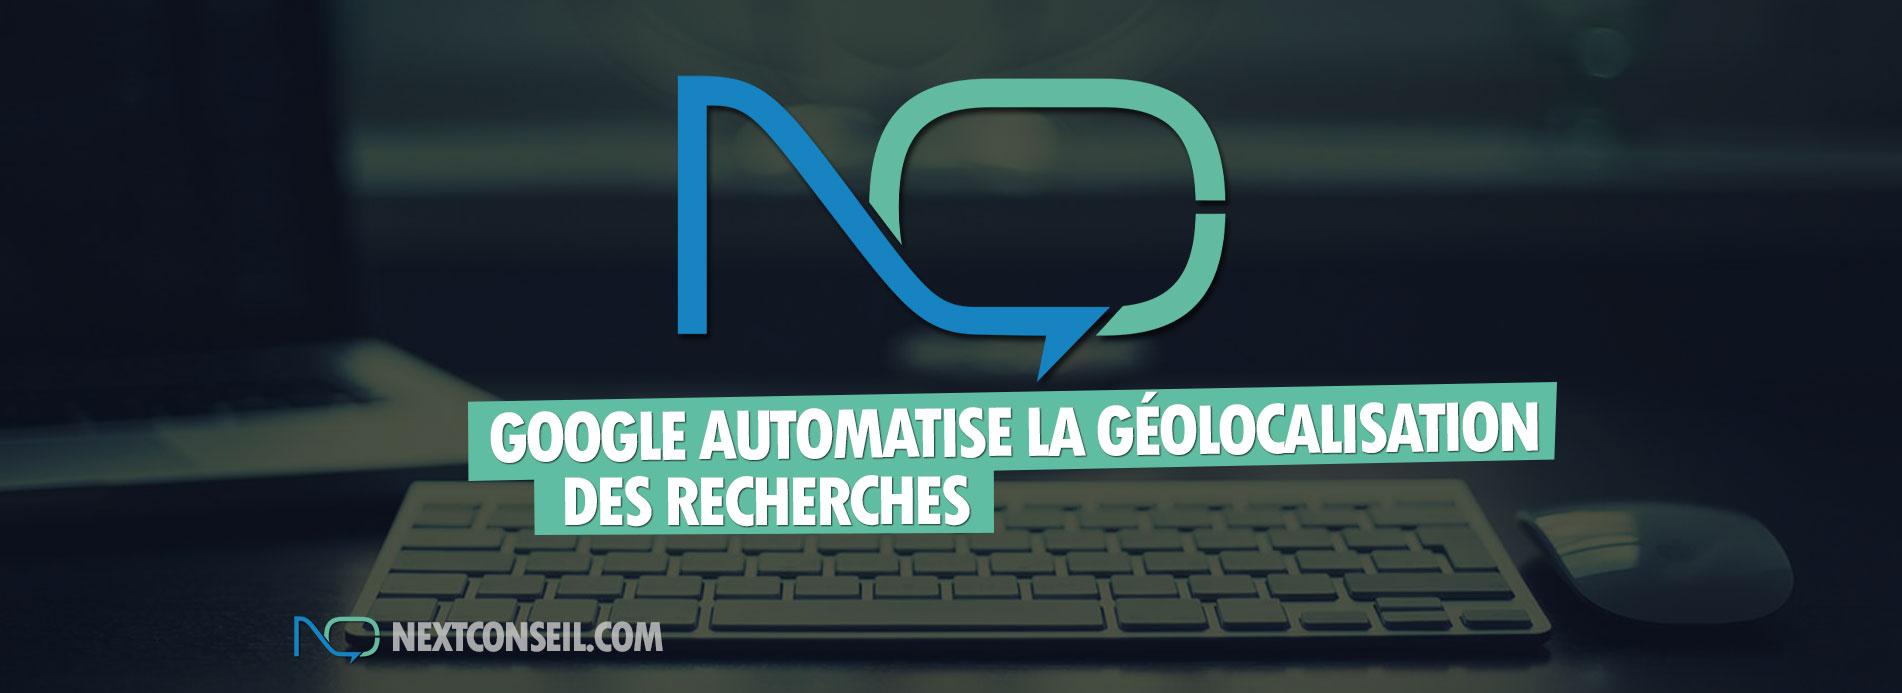 GOOGLE automatise la géolocalisation des recherches